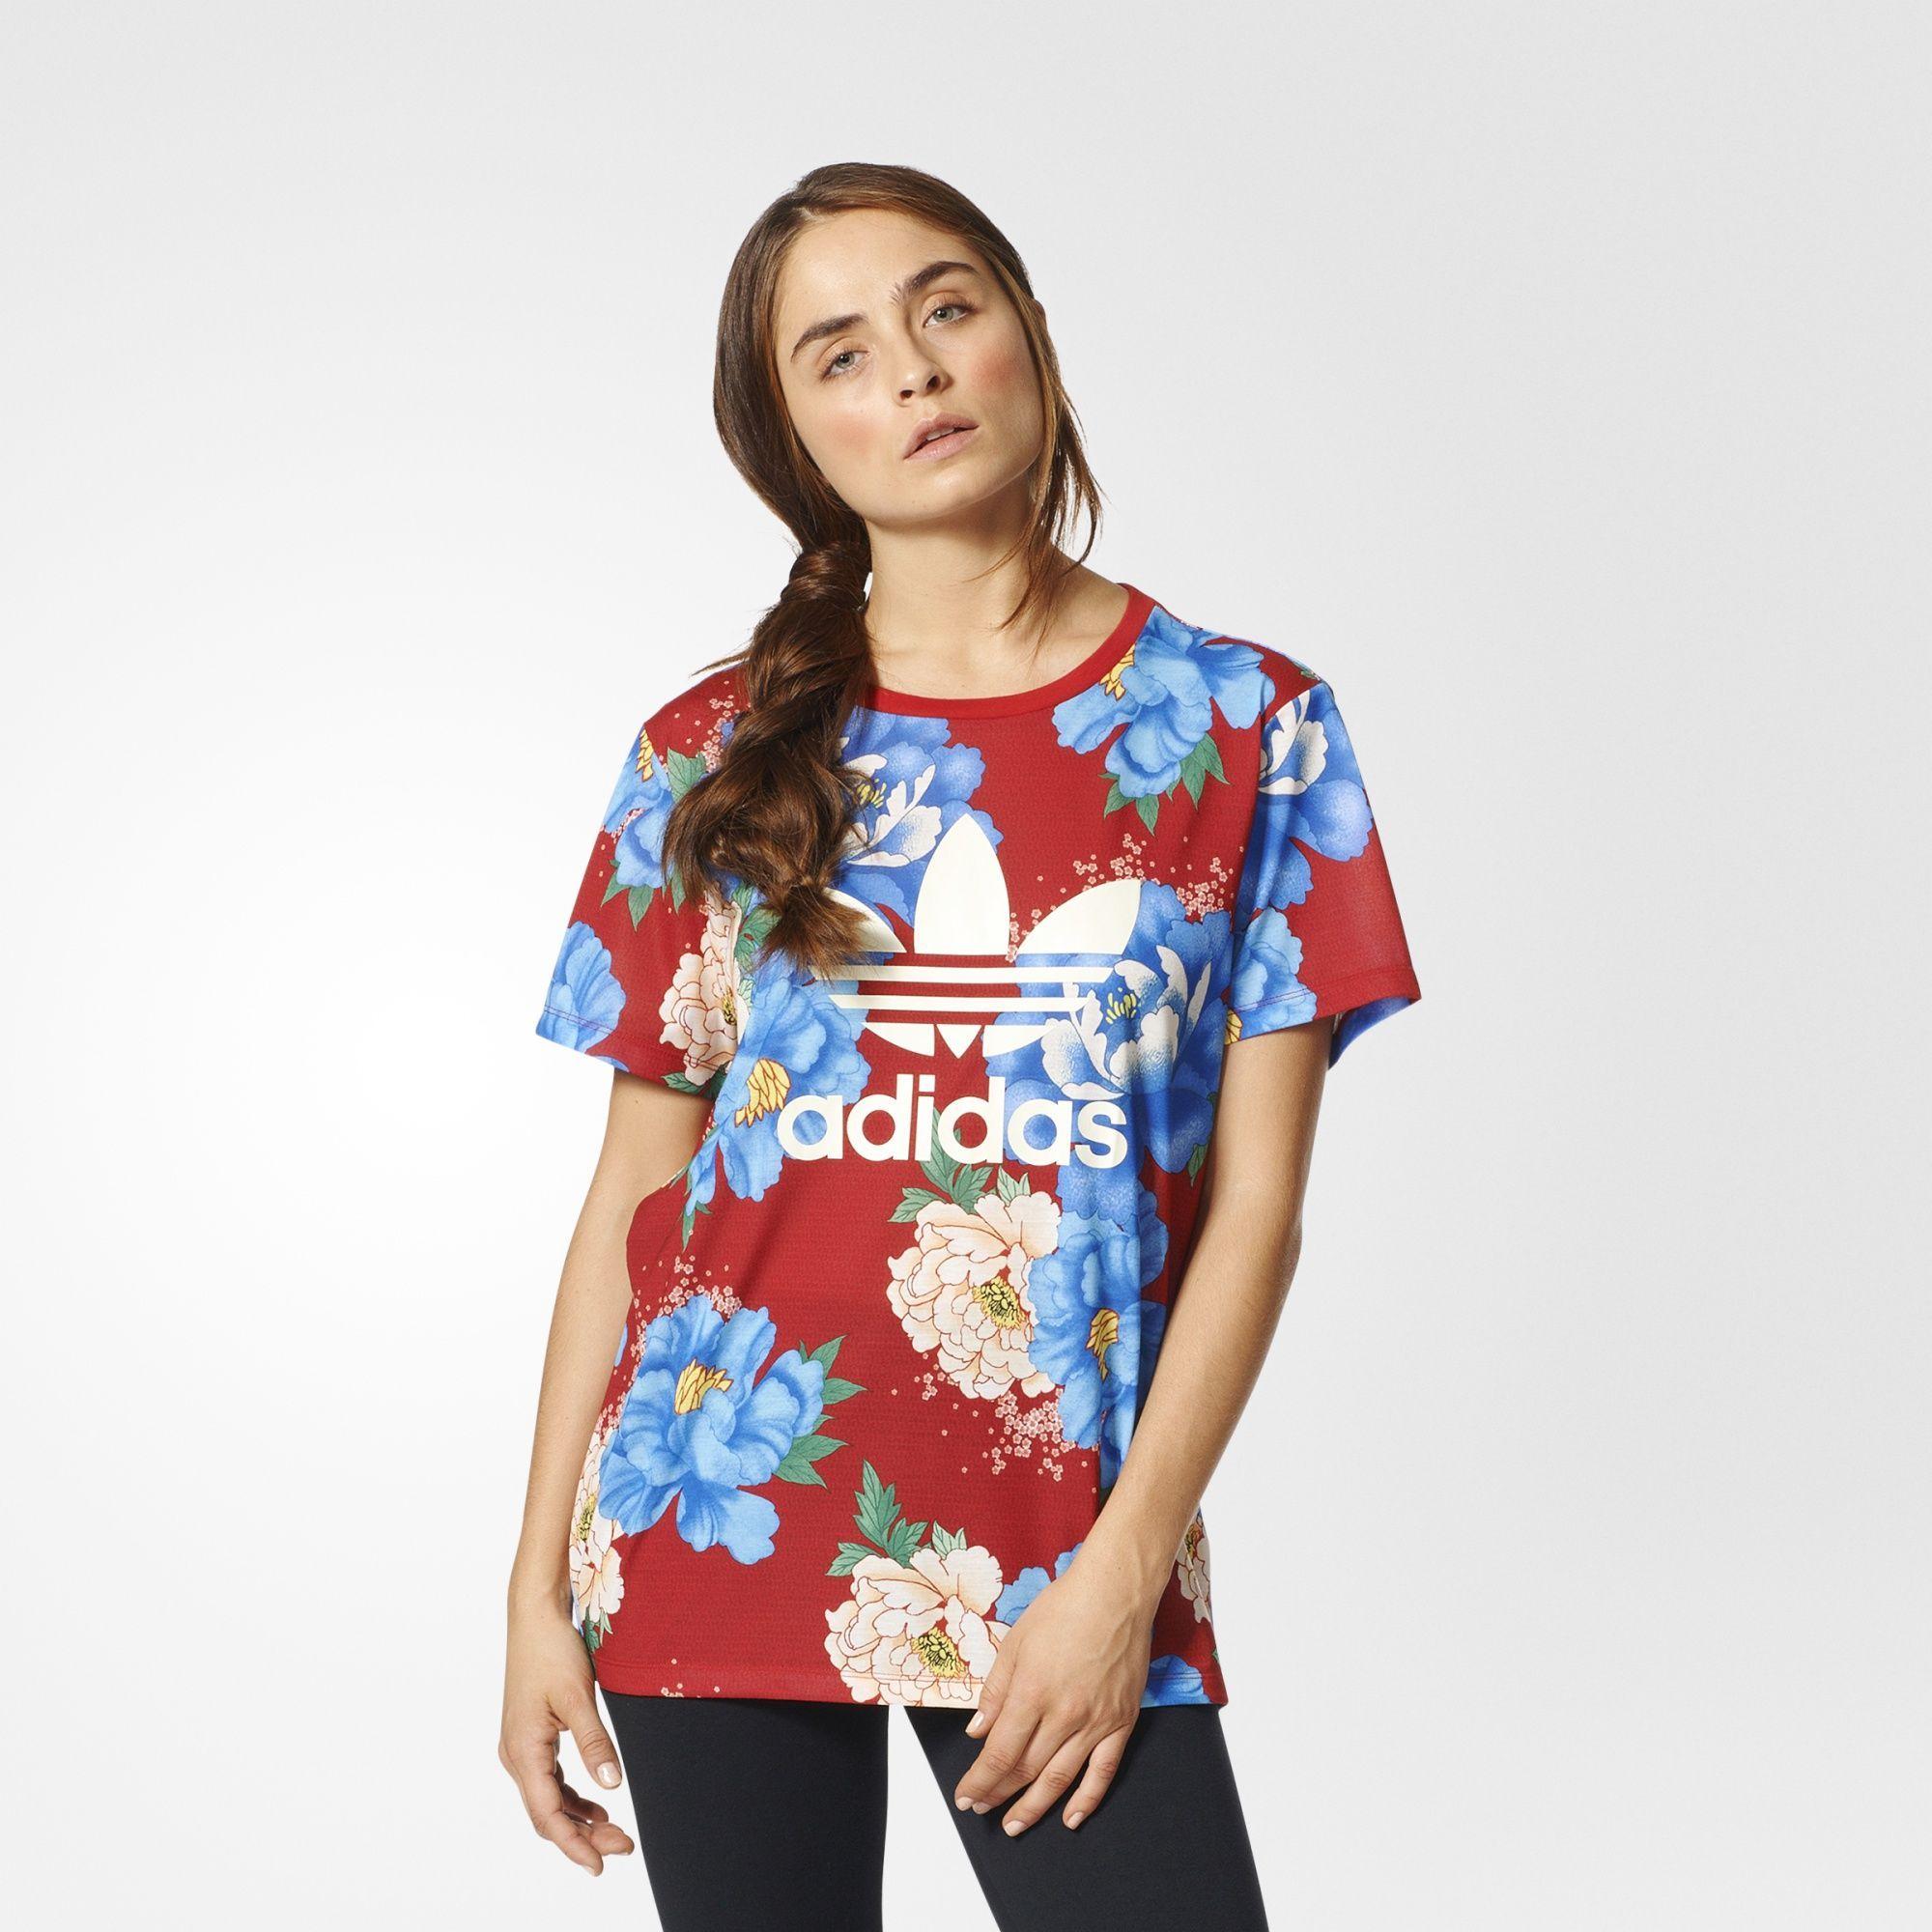 Adidas Chita Boyfriend T Shirt Modestil Adidas Bekleidung Kleidung Entwerfen [ 2000 x 2000 Pixel ]